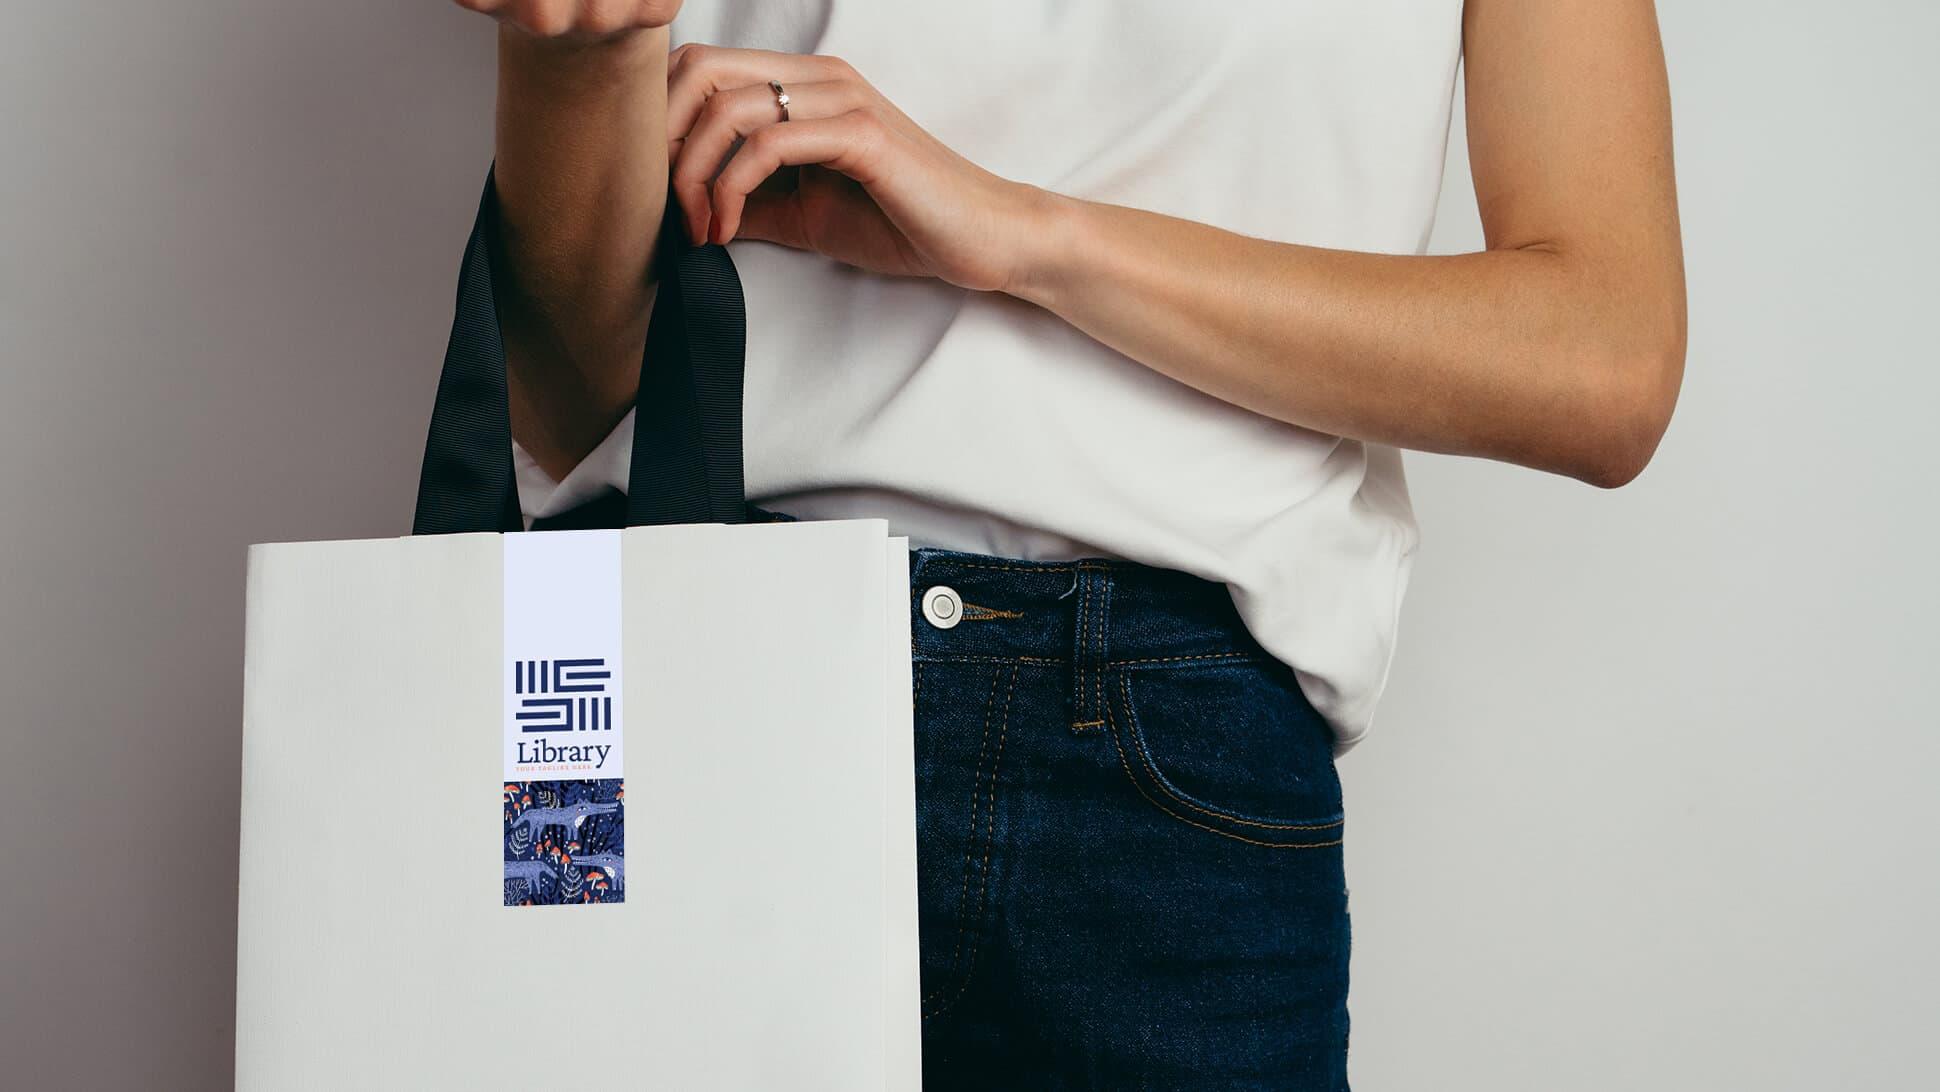 Adesivi chiudi busta personalizzabili per shopper | tictac.it